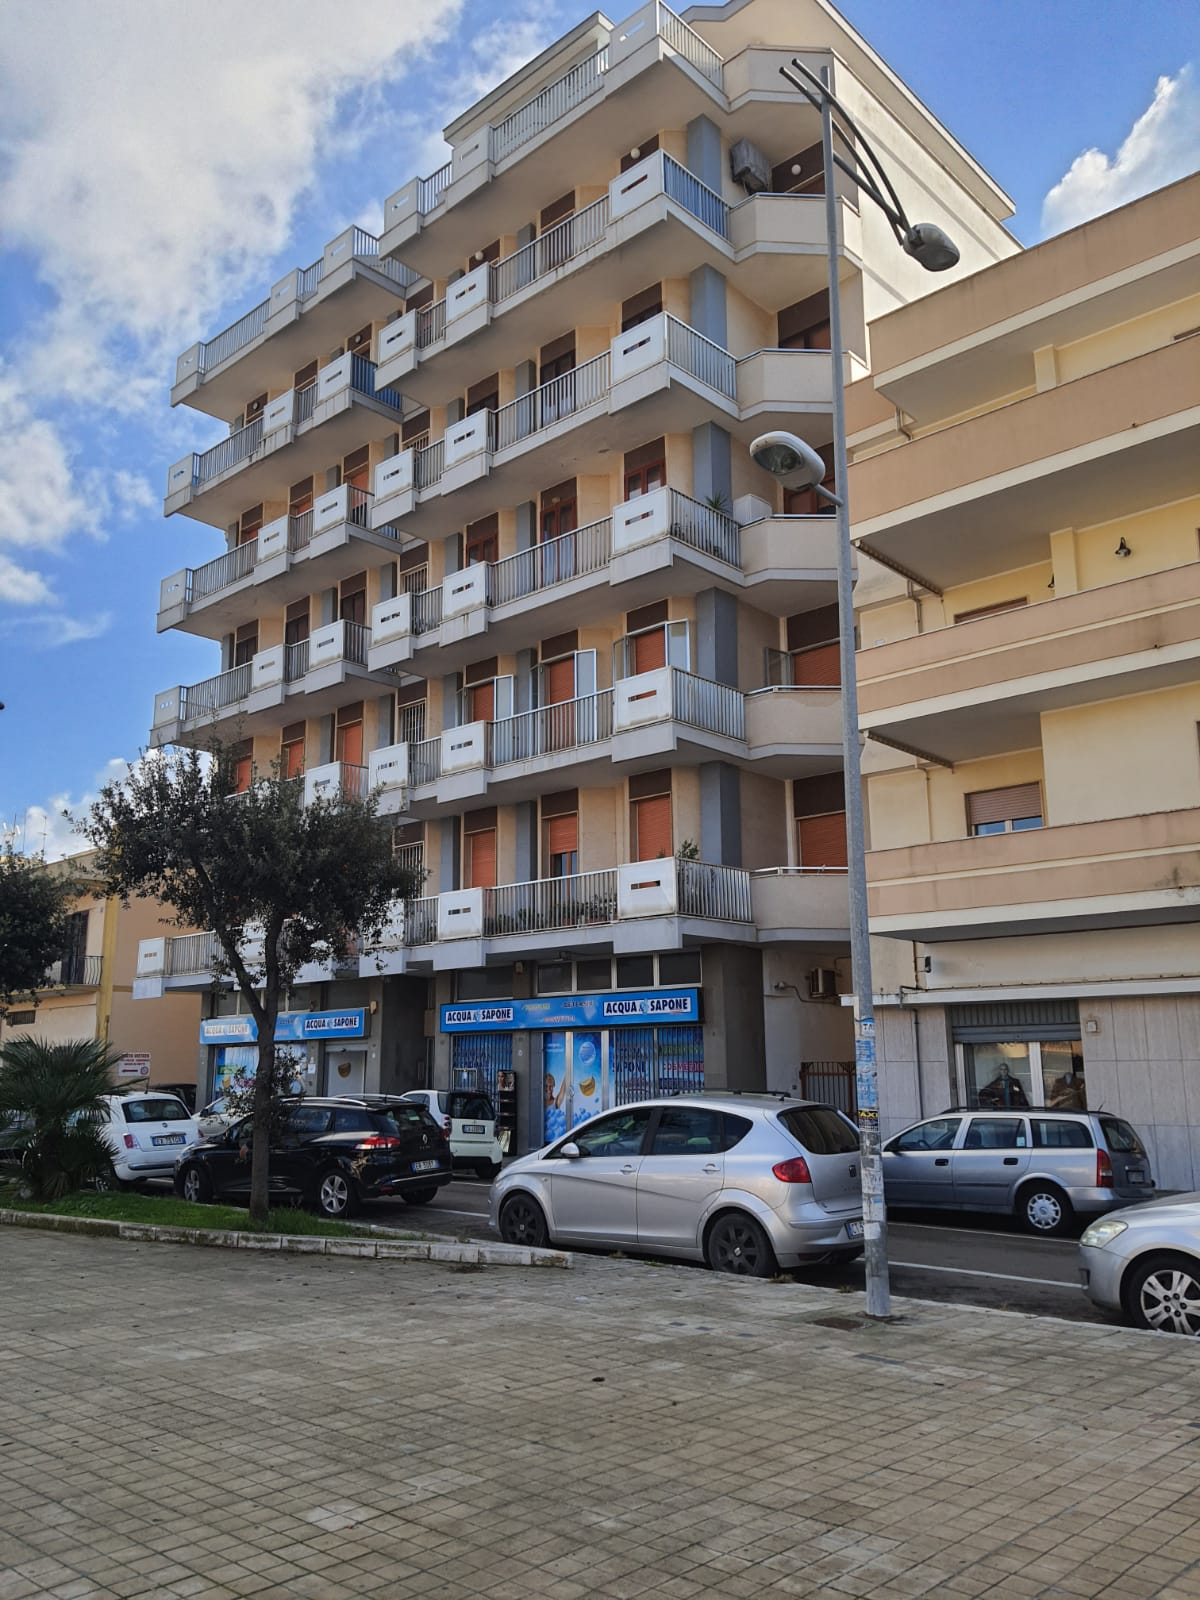 Appartamento in zona centrale a due passi da corso roma